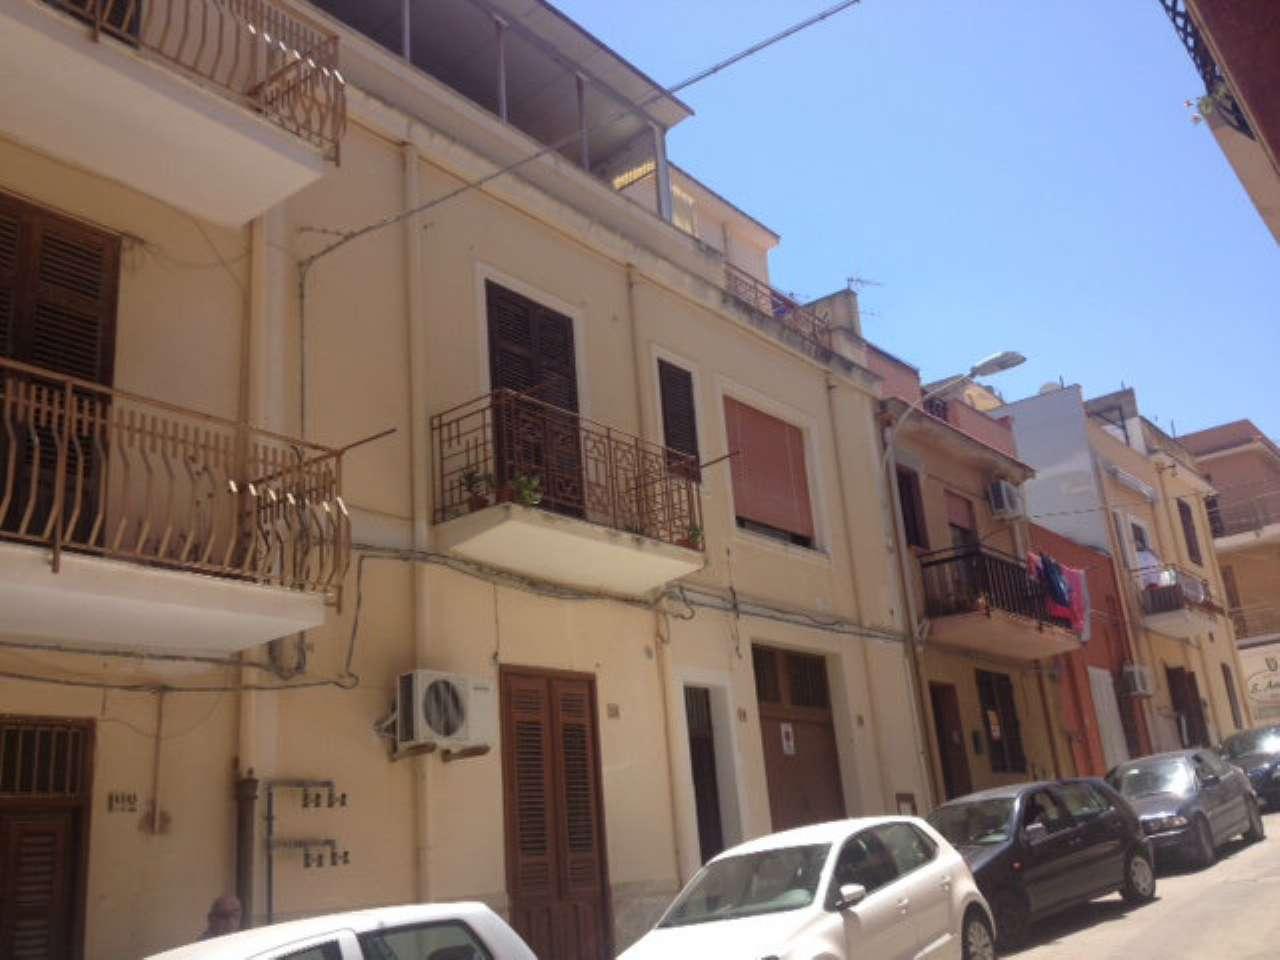 Soluzione Indipendente in vendita a Balestrate, 7 locali, prezzo € 140.000 | CambioCasa.it